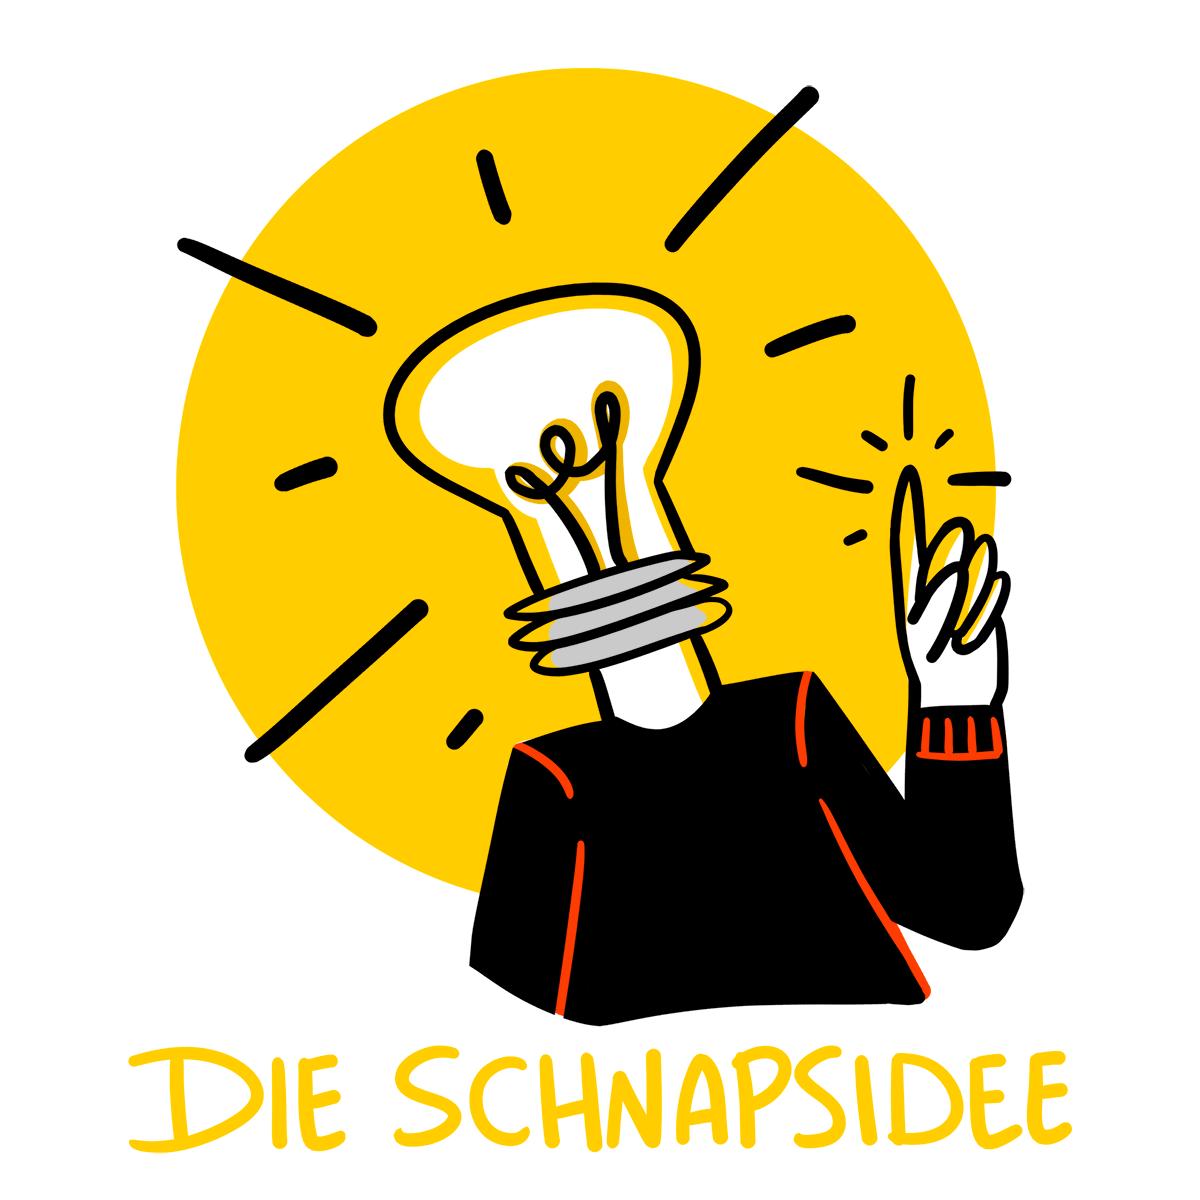 Des soirées alcoolisées naissent parfois des idées folles. Un de nos mots allemands préférés !